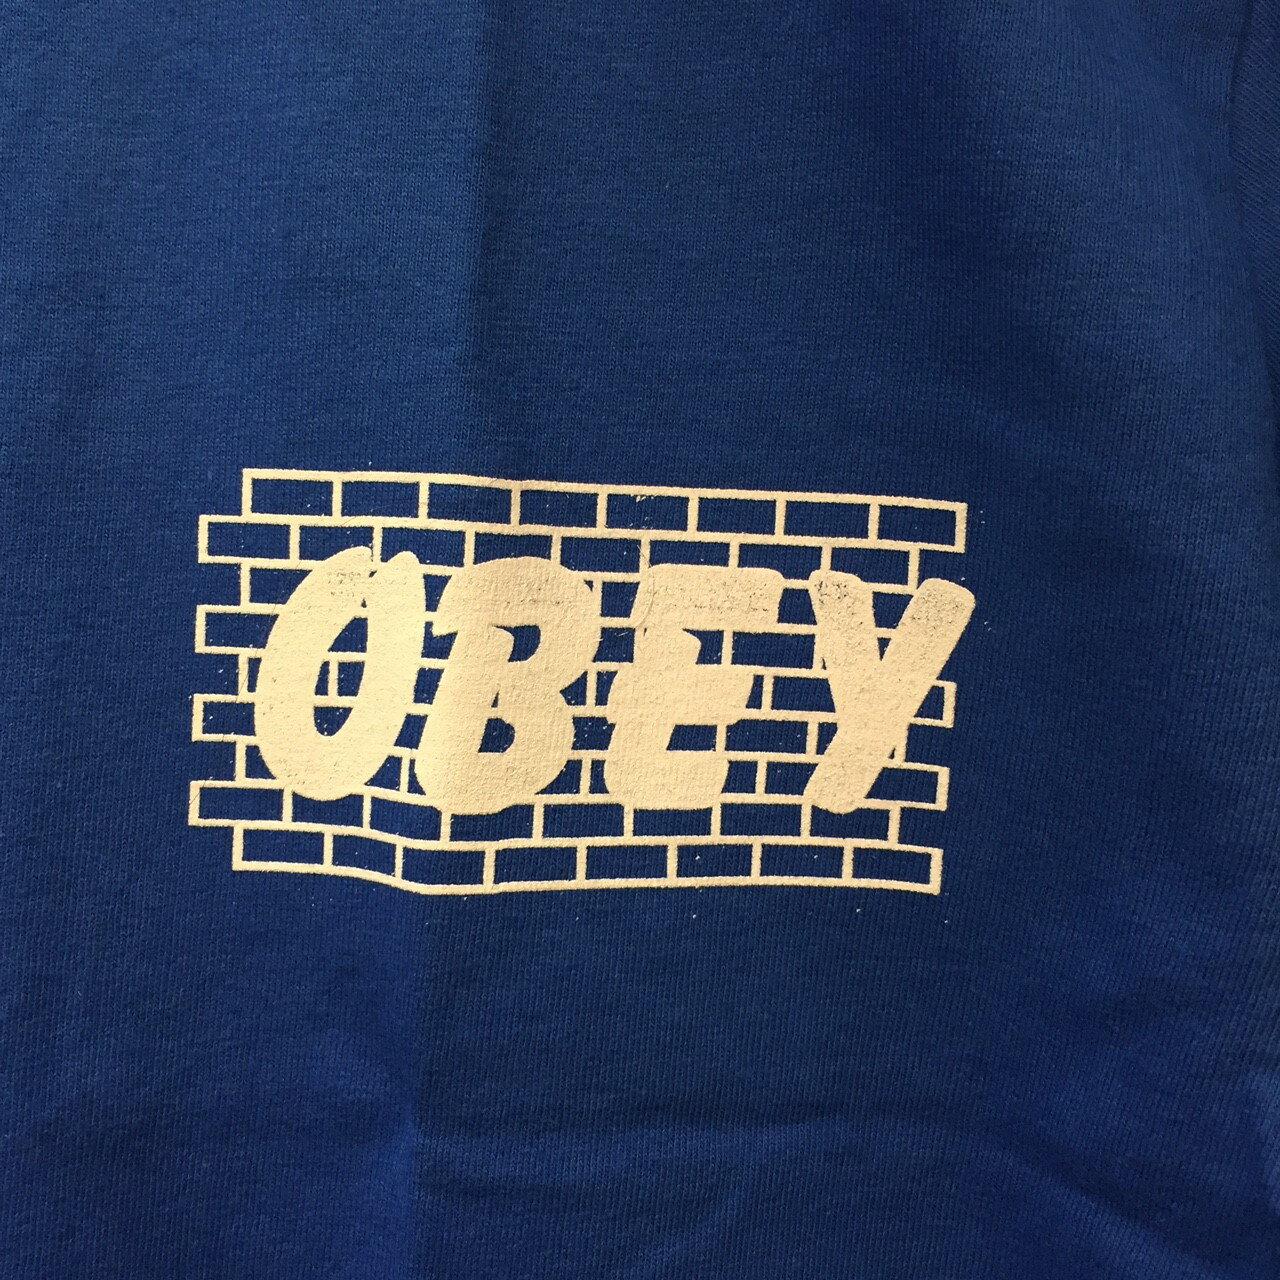 BEETLE OBEY BRICK WALL TEE 磚牆 寶藍 白字 藍白 LOGO 短T TEE OB-419 163081179ROY 1